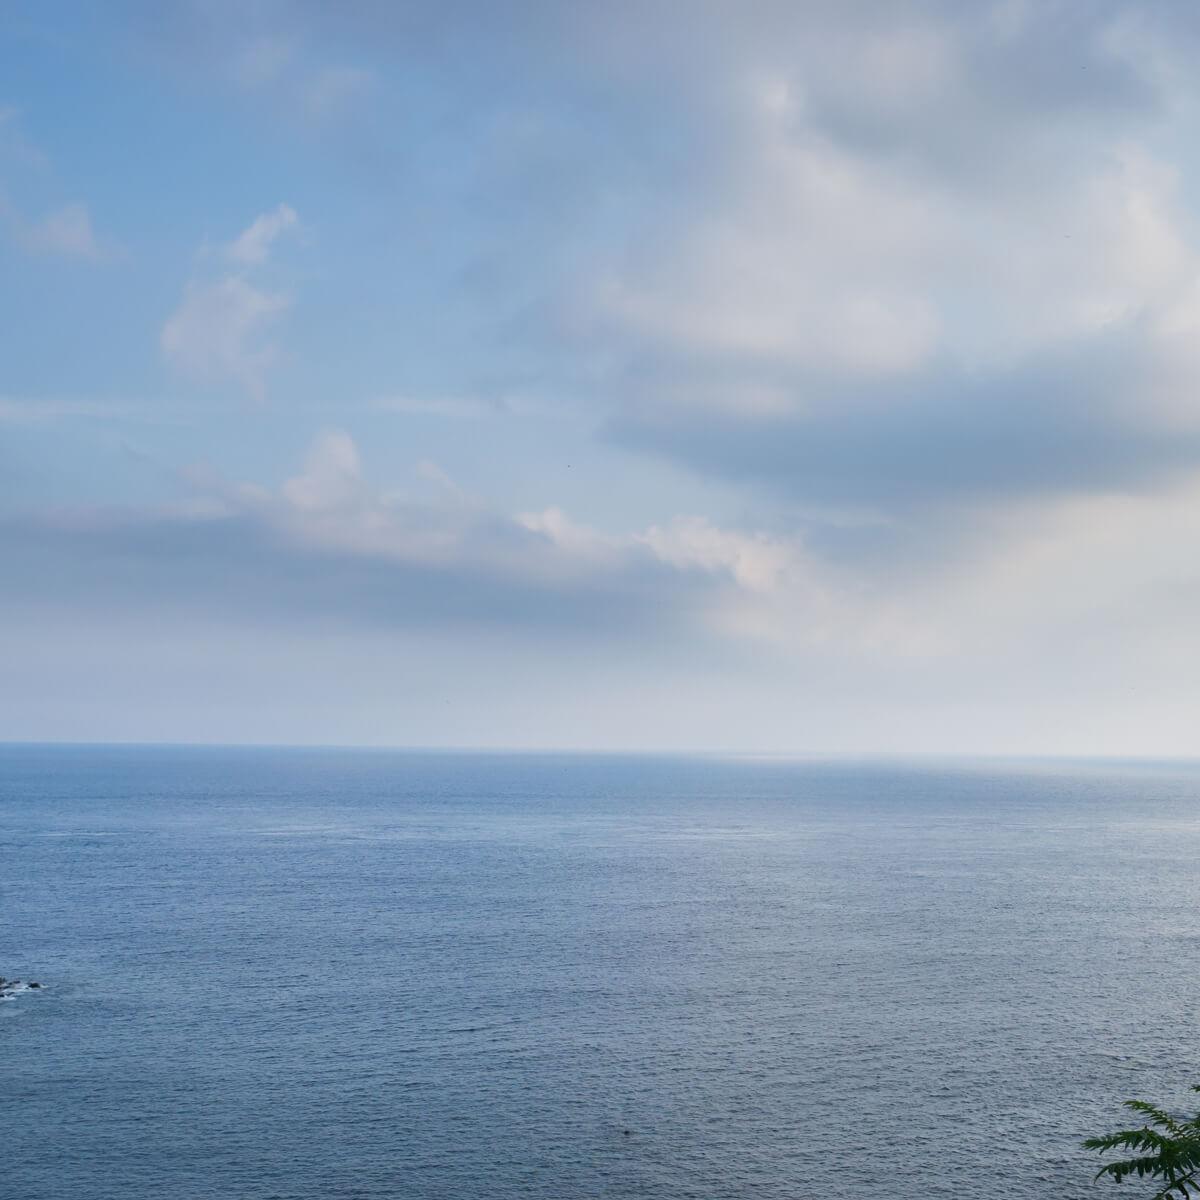 屋久島の海、空 オーダーメイド結婚指輪のモチーフ 屋久島海とジュエリー 屋久島でつくる結婚指輪